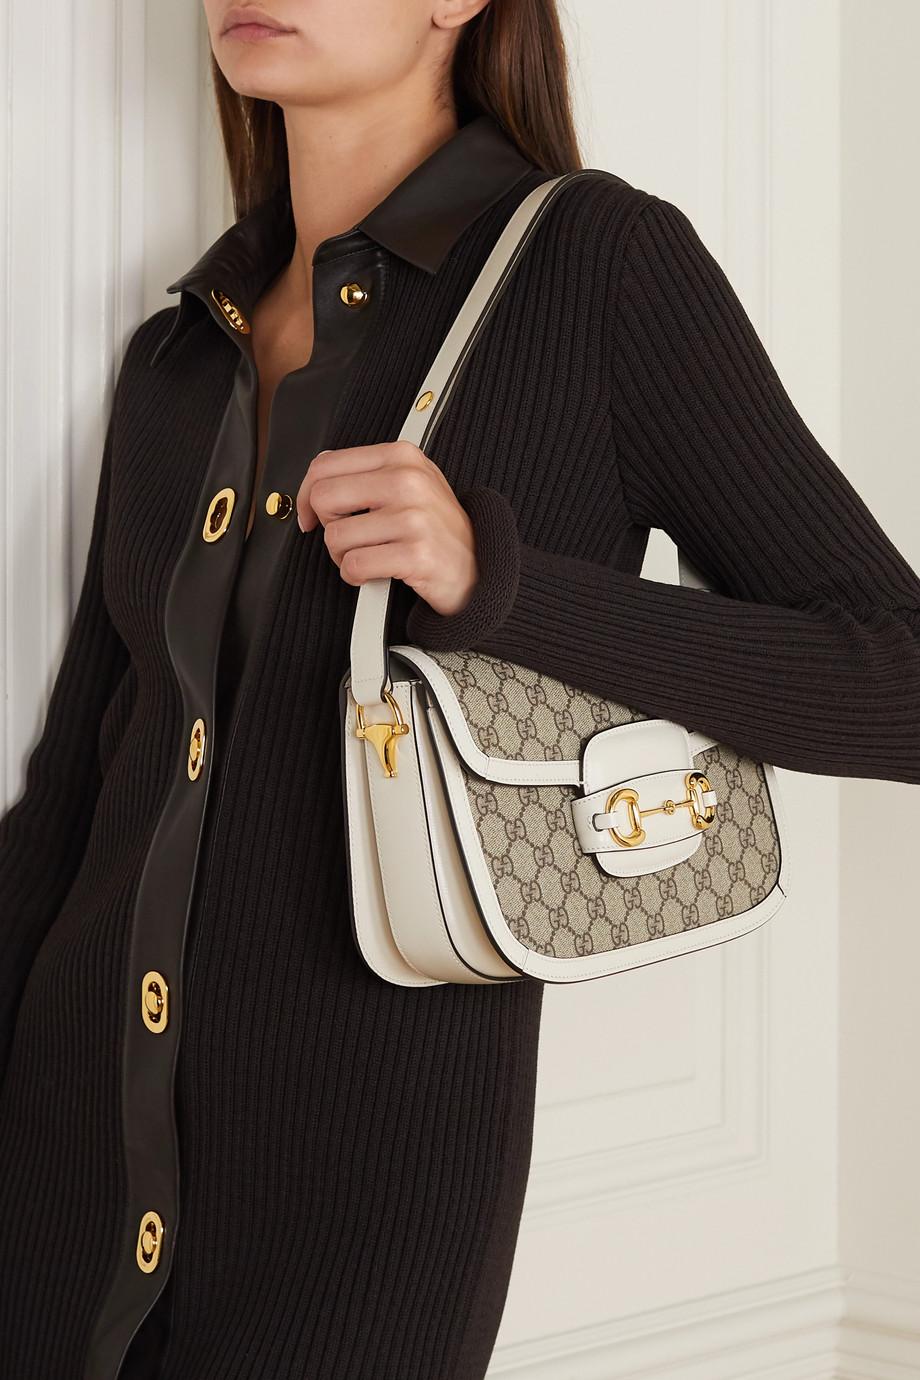 Gucci 1955 Horsebit kleine bedruckte Schultertasche aus beschichtetem Canvas mit Lederbesätzen